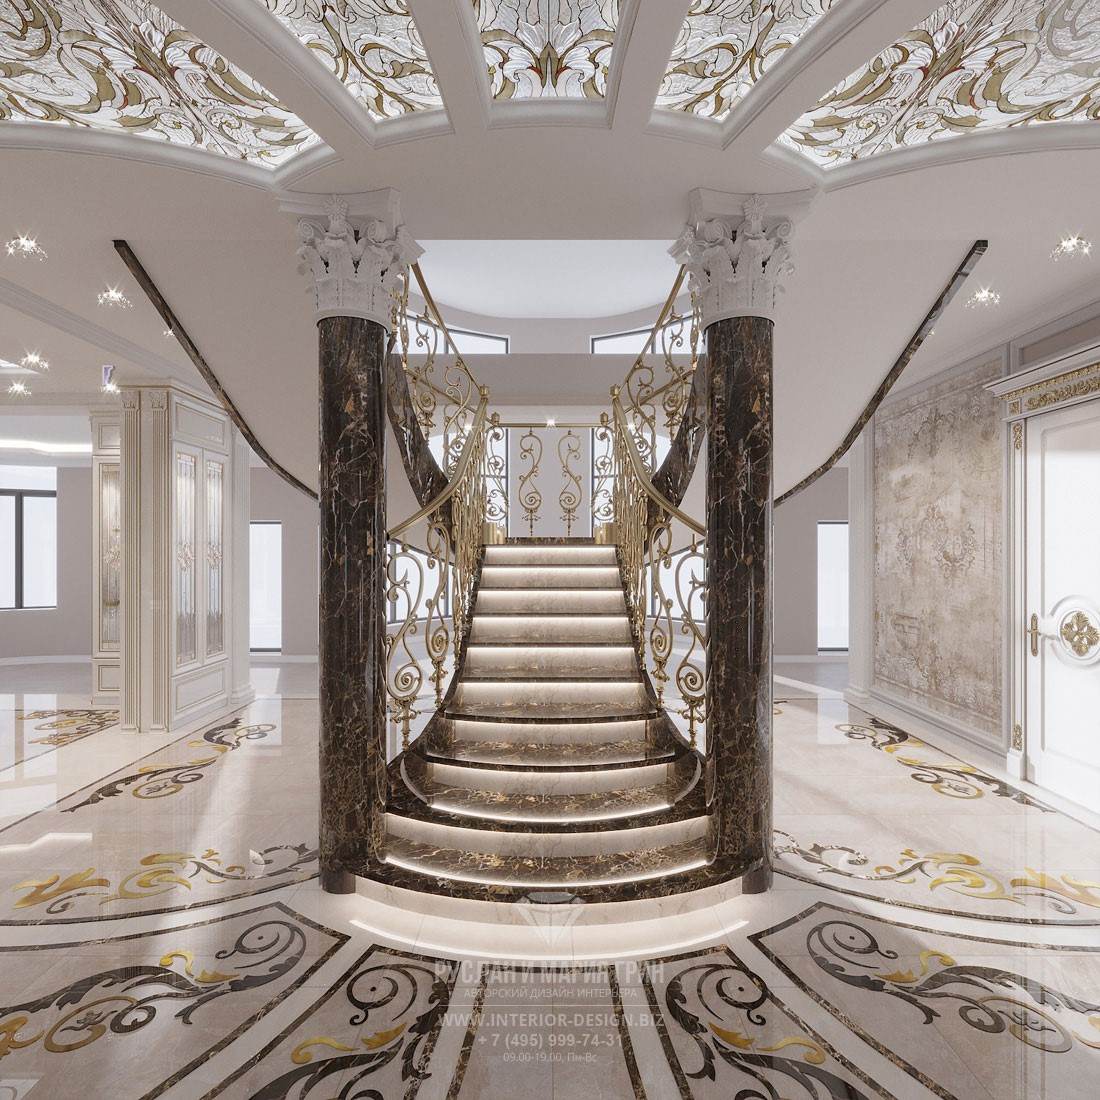 Дизайн холла элитного дома с центральной лестницей в дворцовом стиле